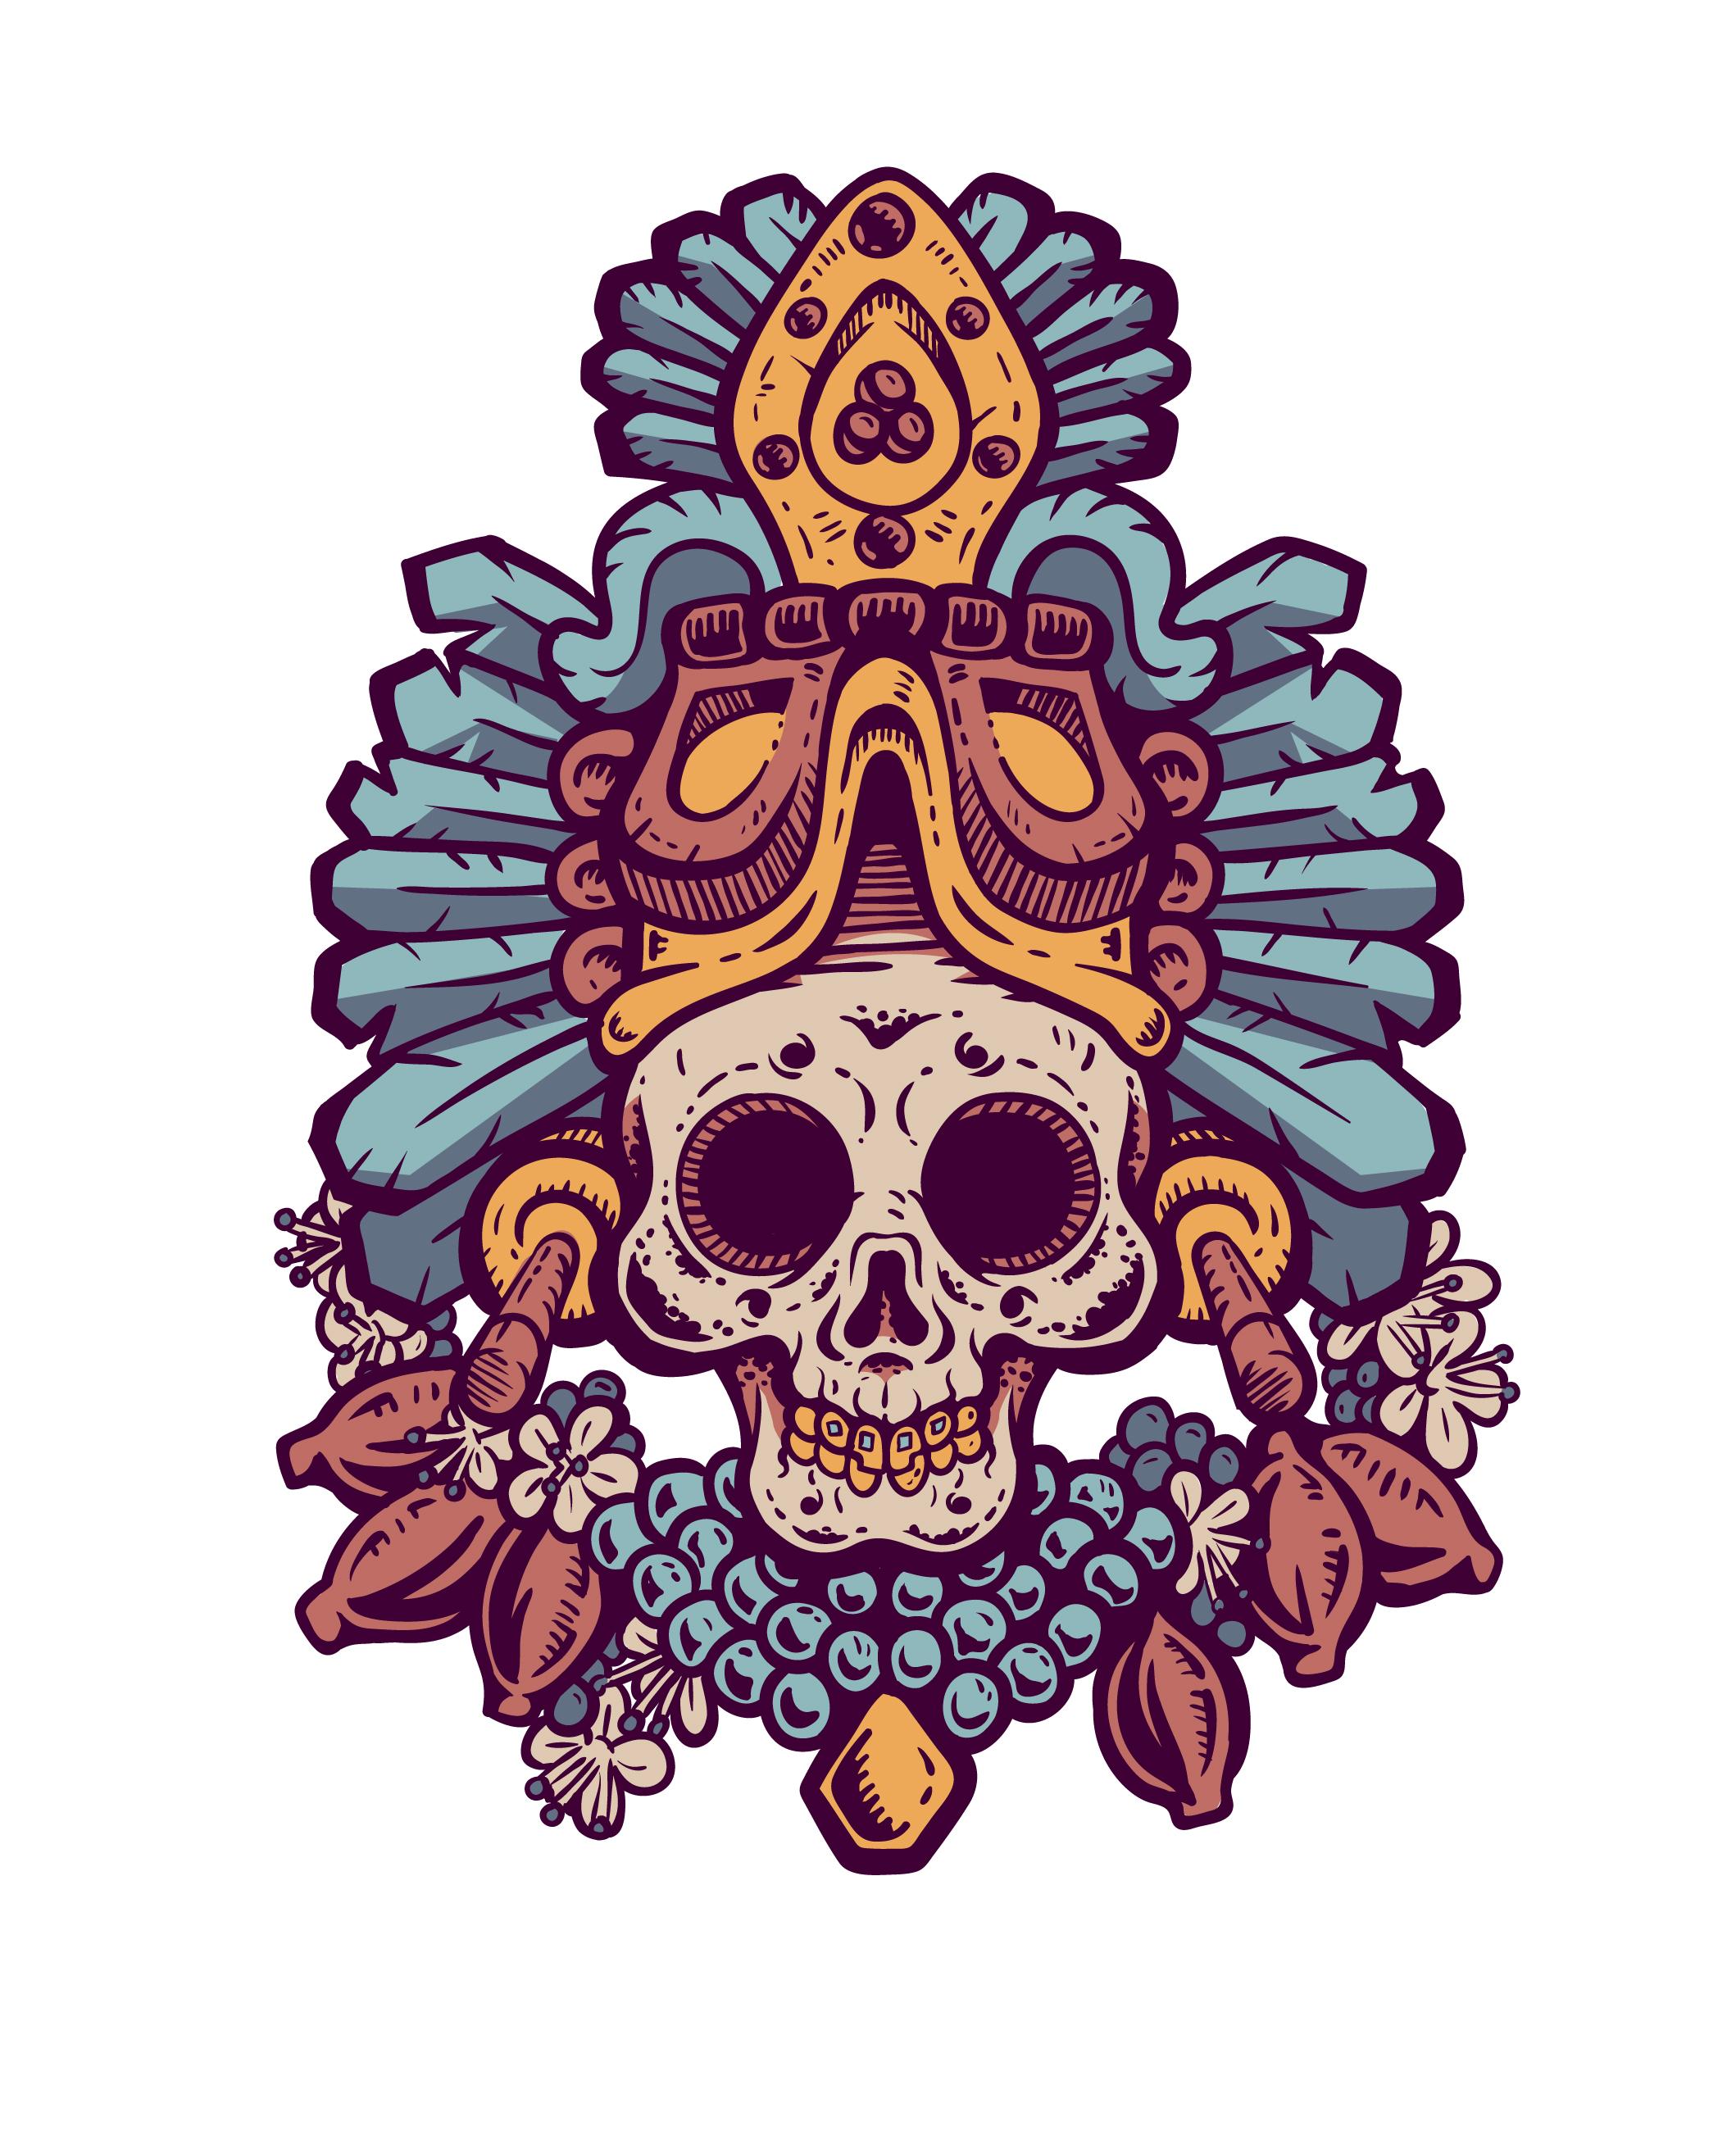 skelly_illustration_R1.jpg